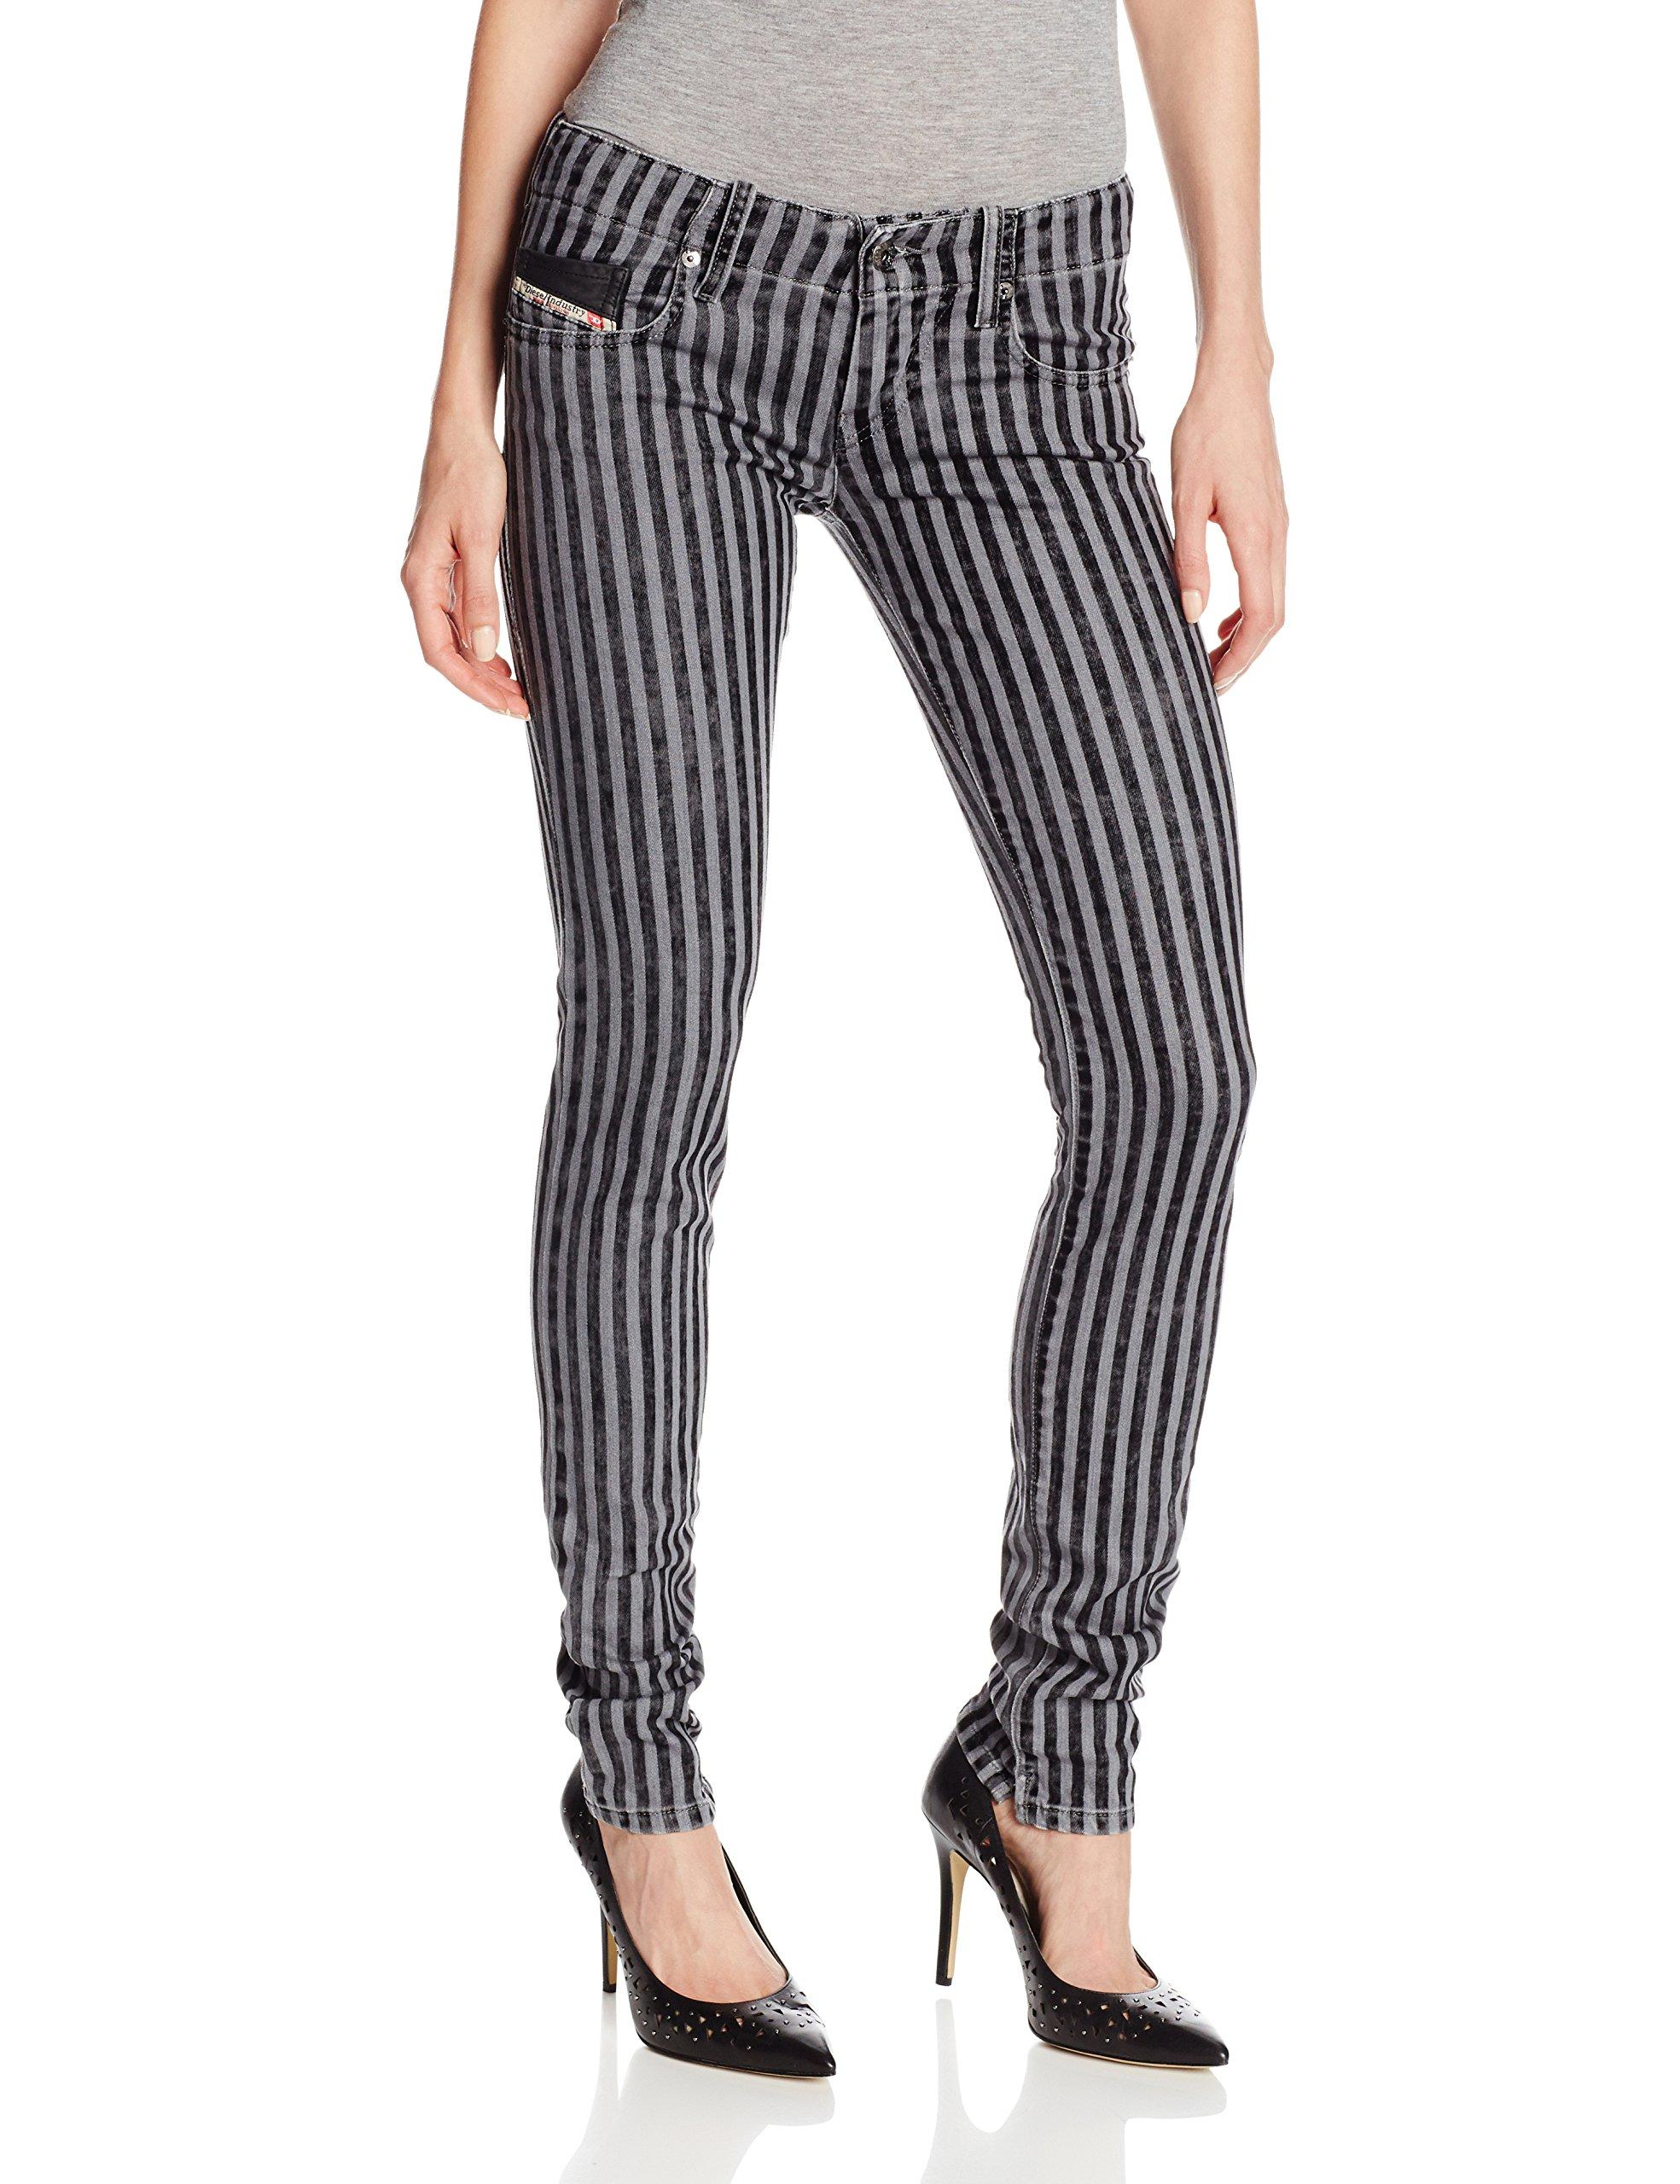 Diesel Women's Grupee Jean In Stripe Print, Stripe, 27x32 by Diesel